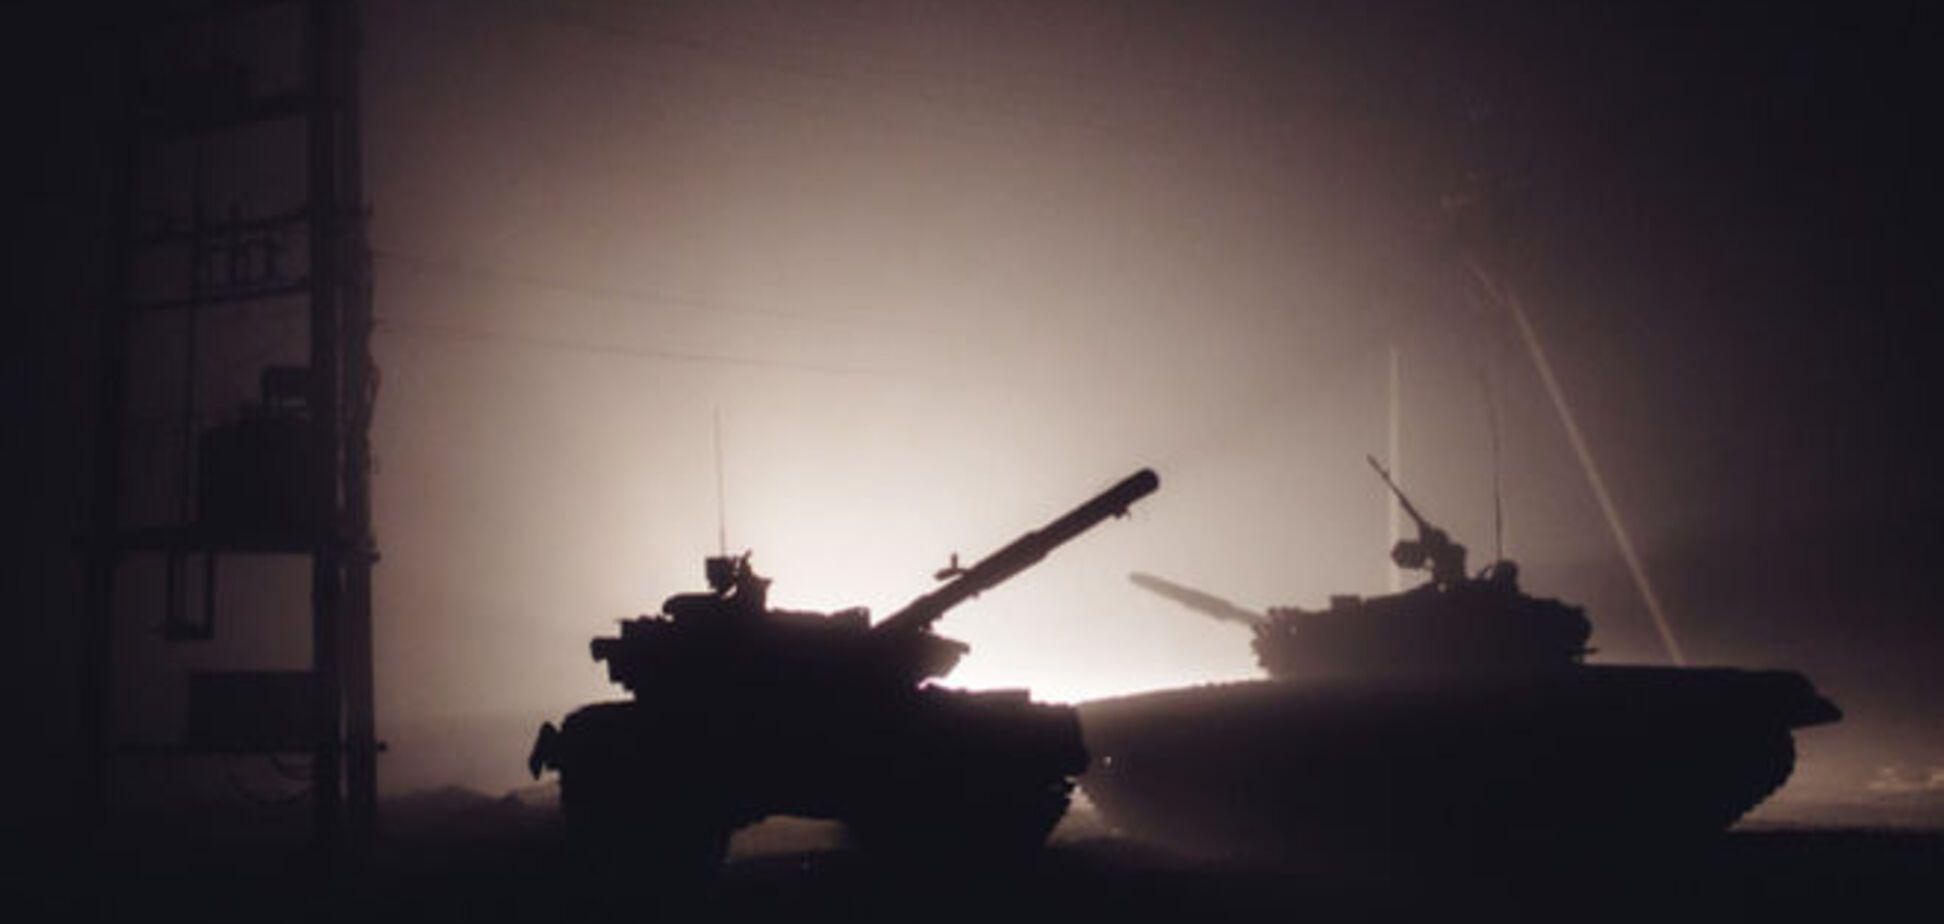 Россия продолжает ввозить в Украину танки и концентрировать войска на границе - Госдеп